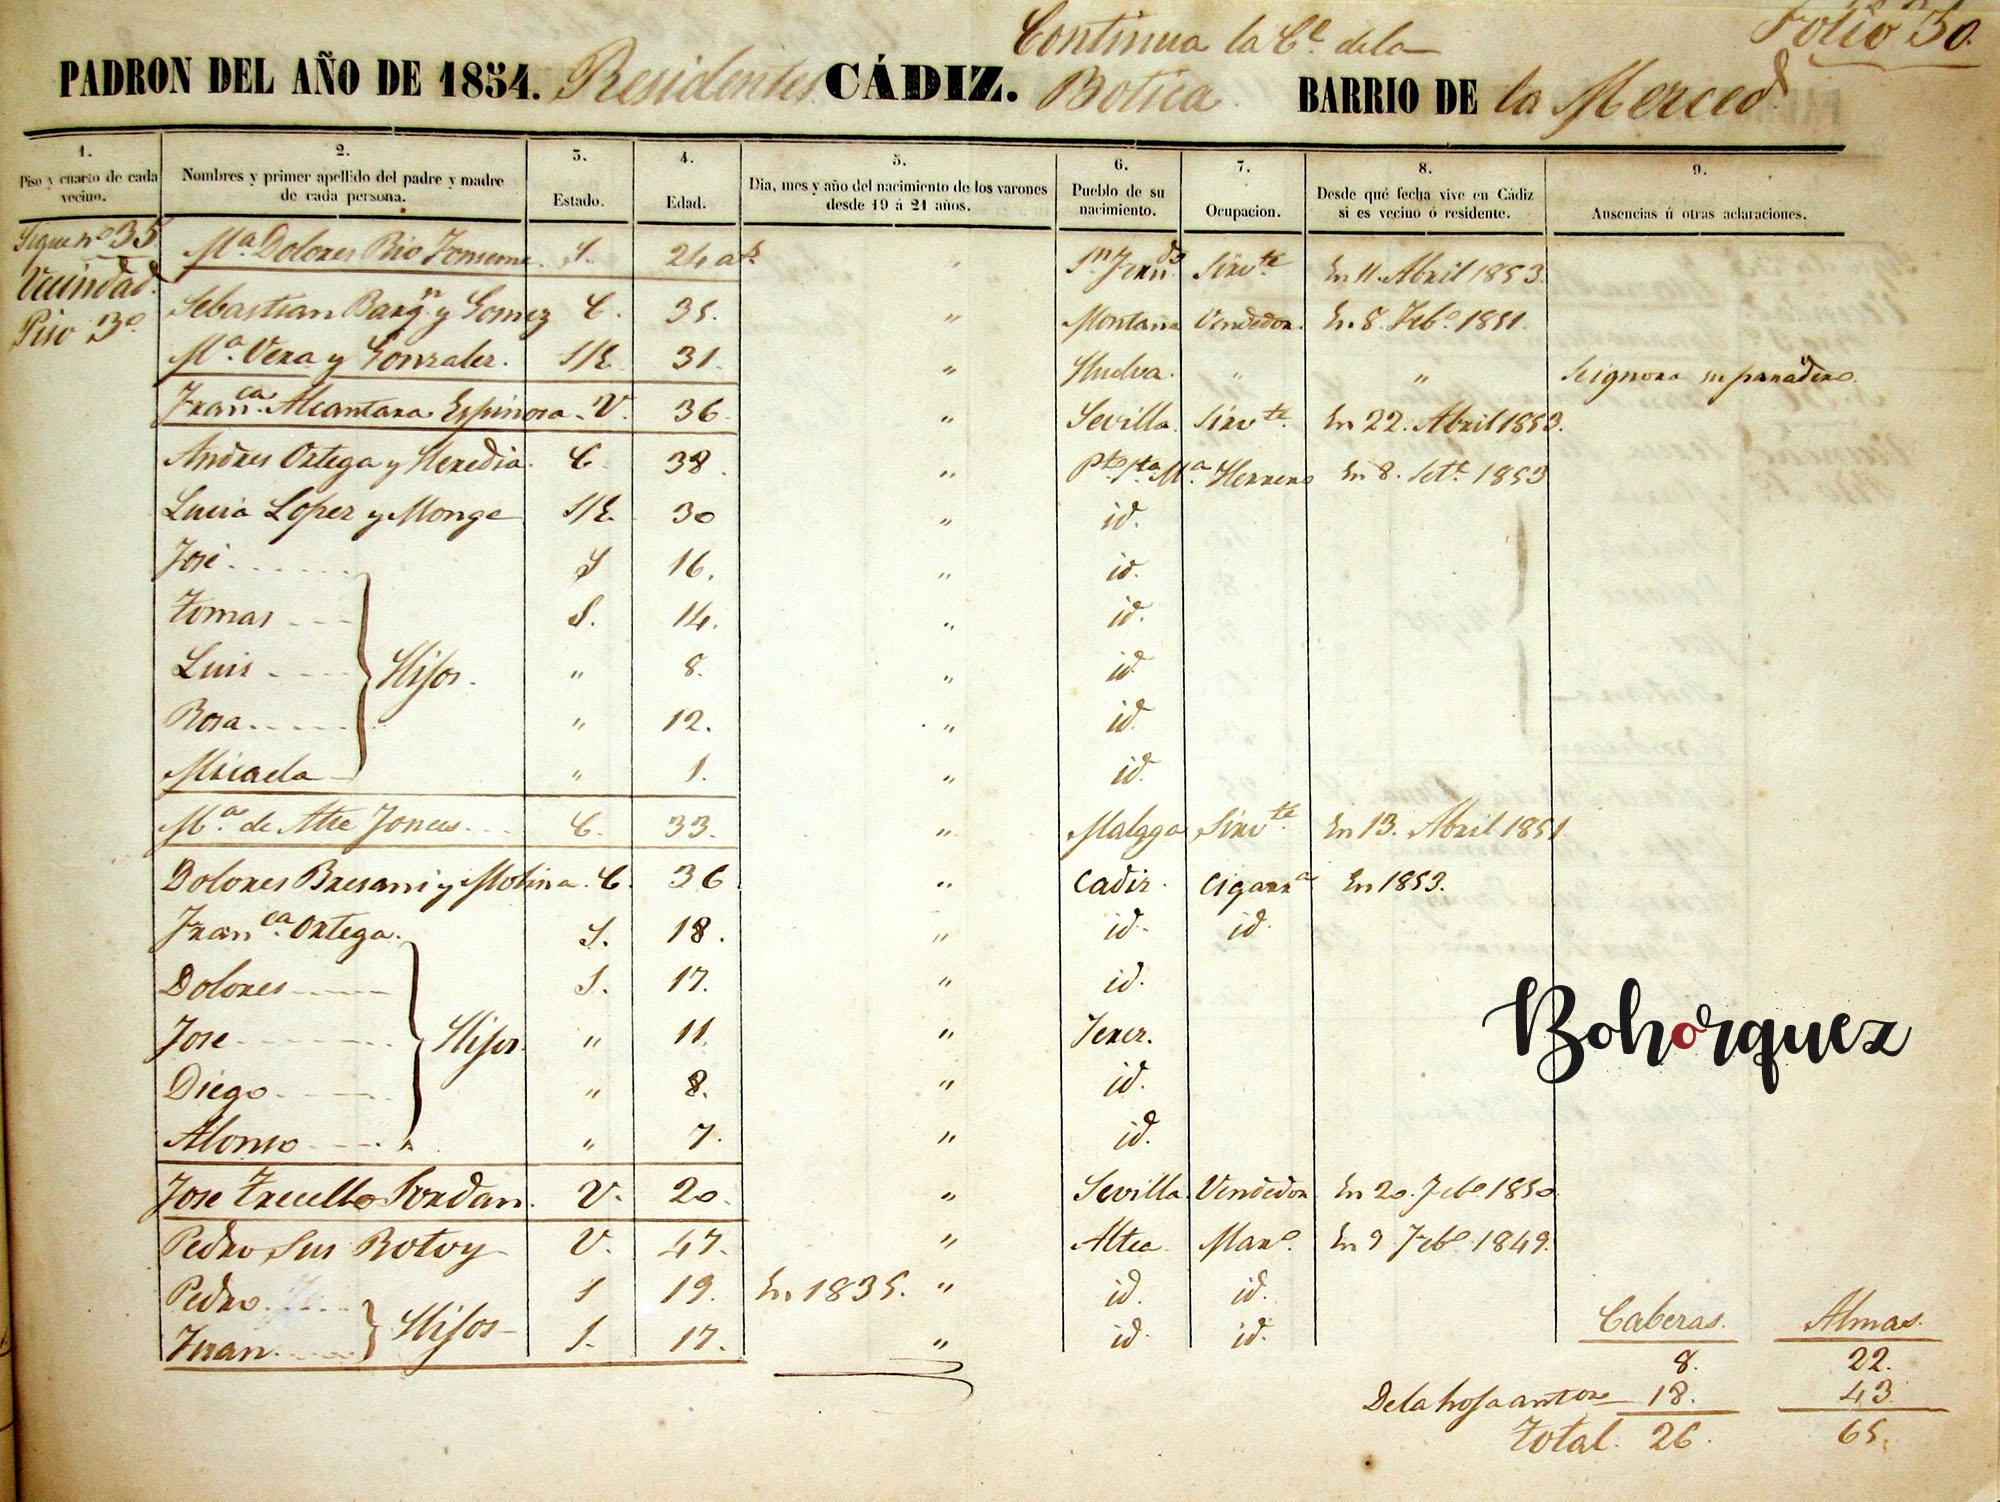 El Nitri viviendo ya en Cádiz con su familia en 1854. Archivo Manuel Bohórquez.